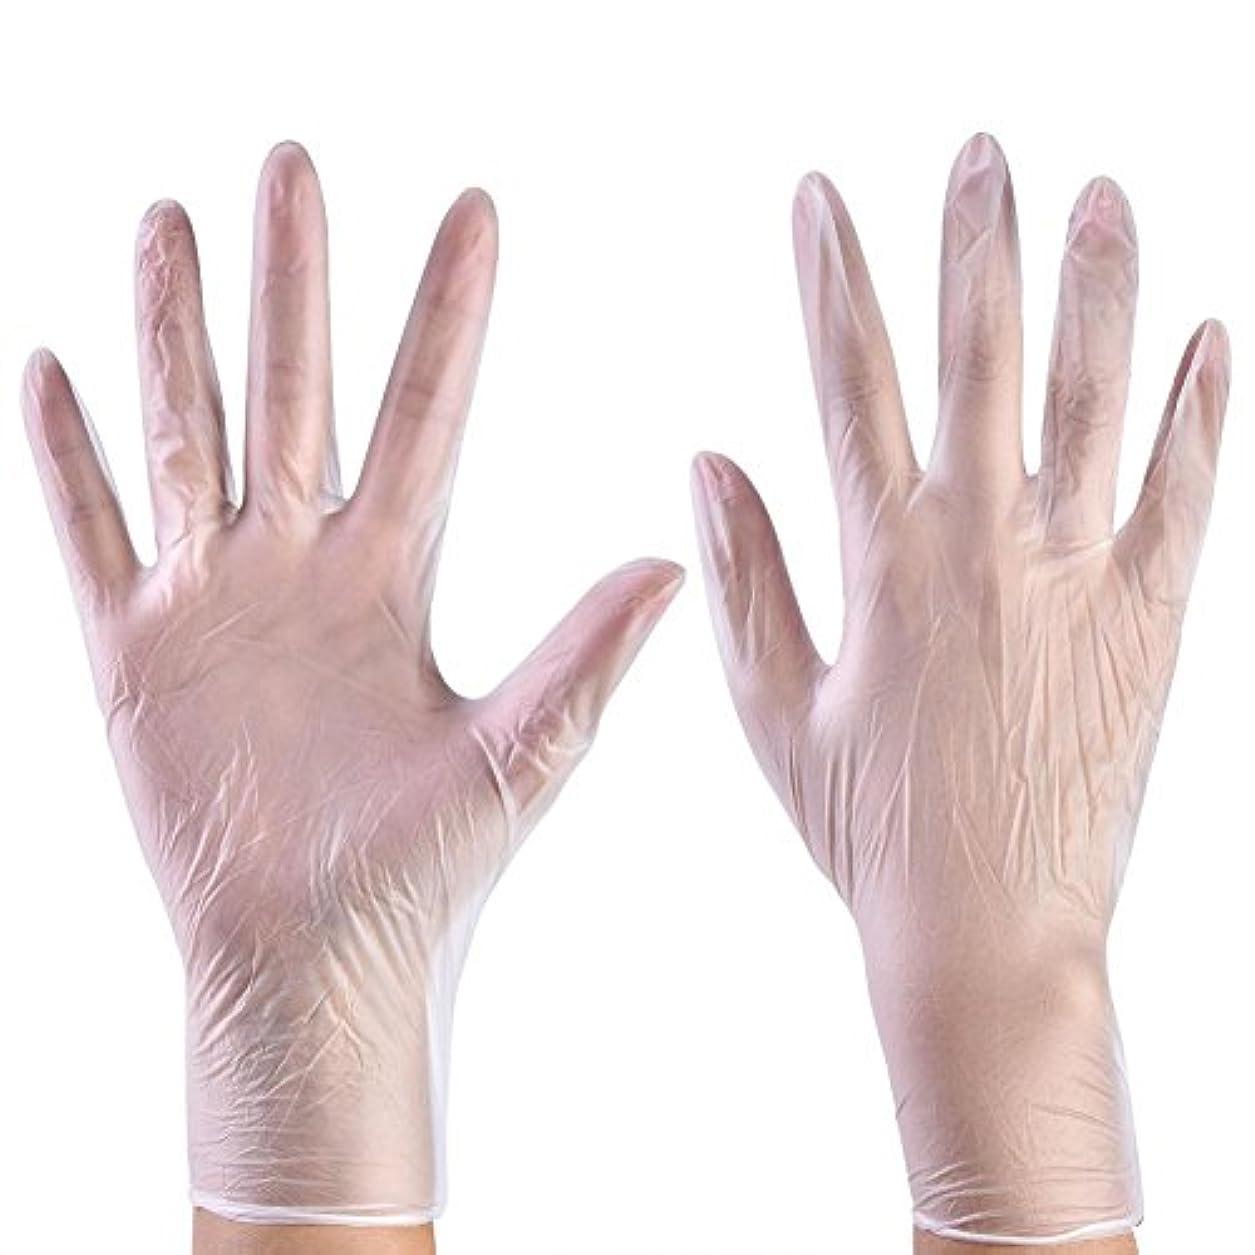 建築受賞大洪水使い捨て手袋 ニトリルグローブ ホワイト 粉なし タトゥー/歯科/病院/研究室に適応 S/M/L選択可 100枚 左右兼用(L)